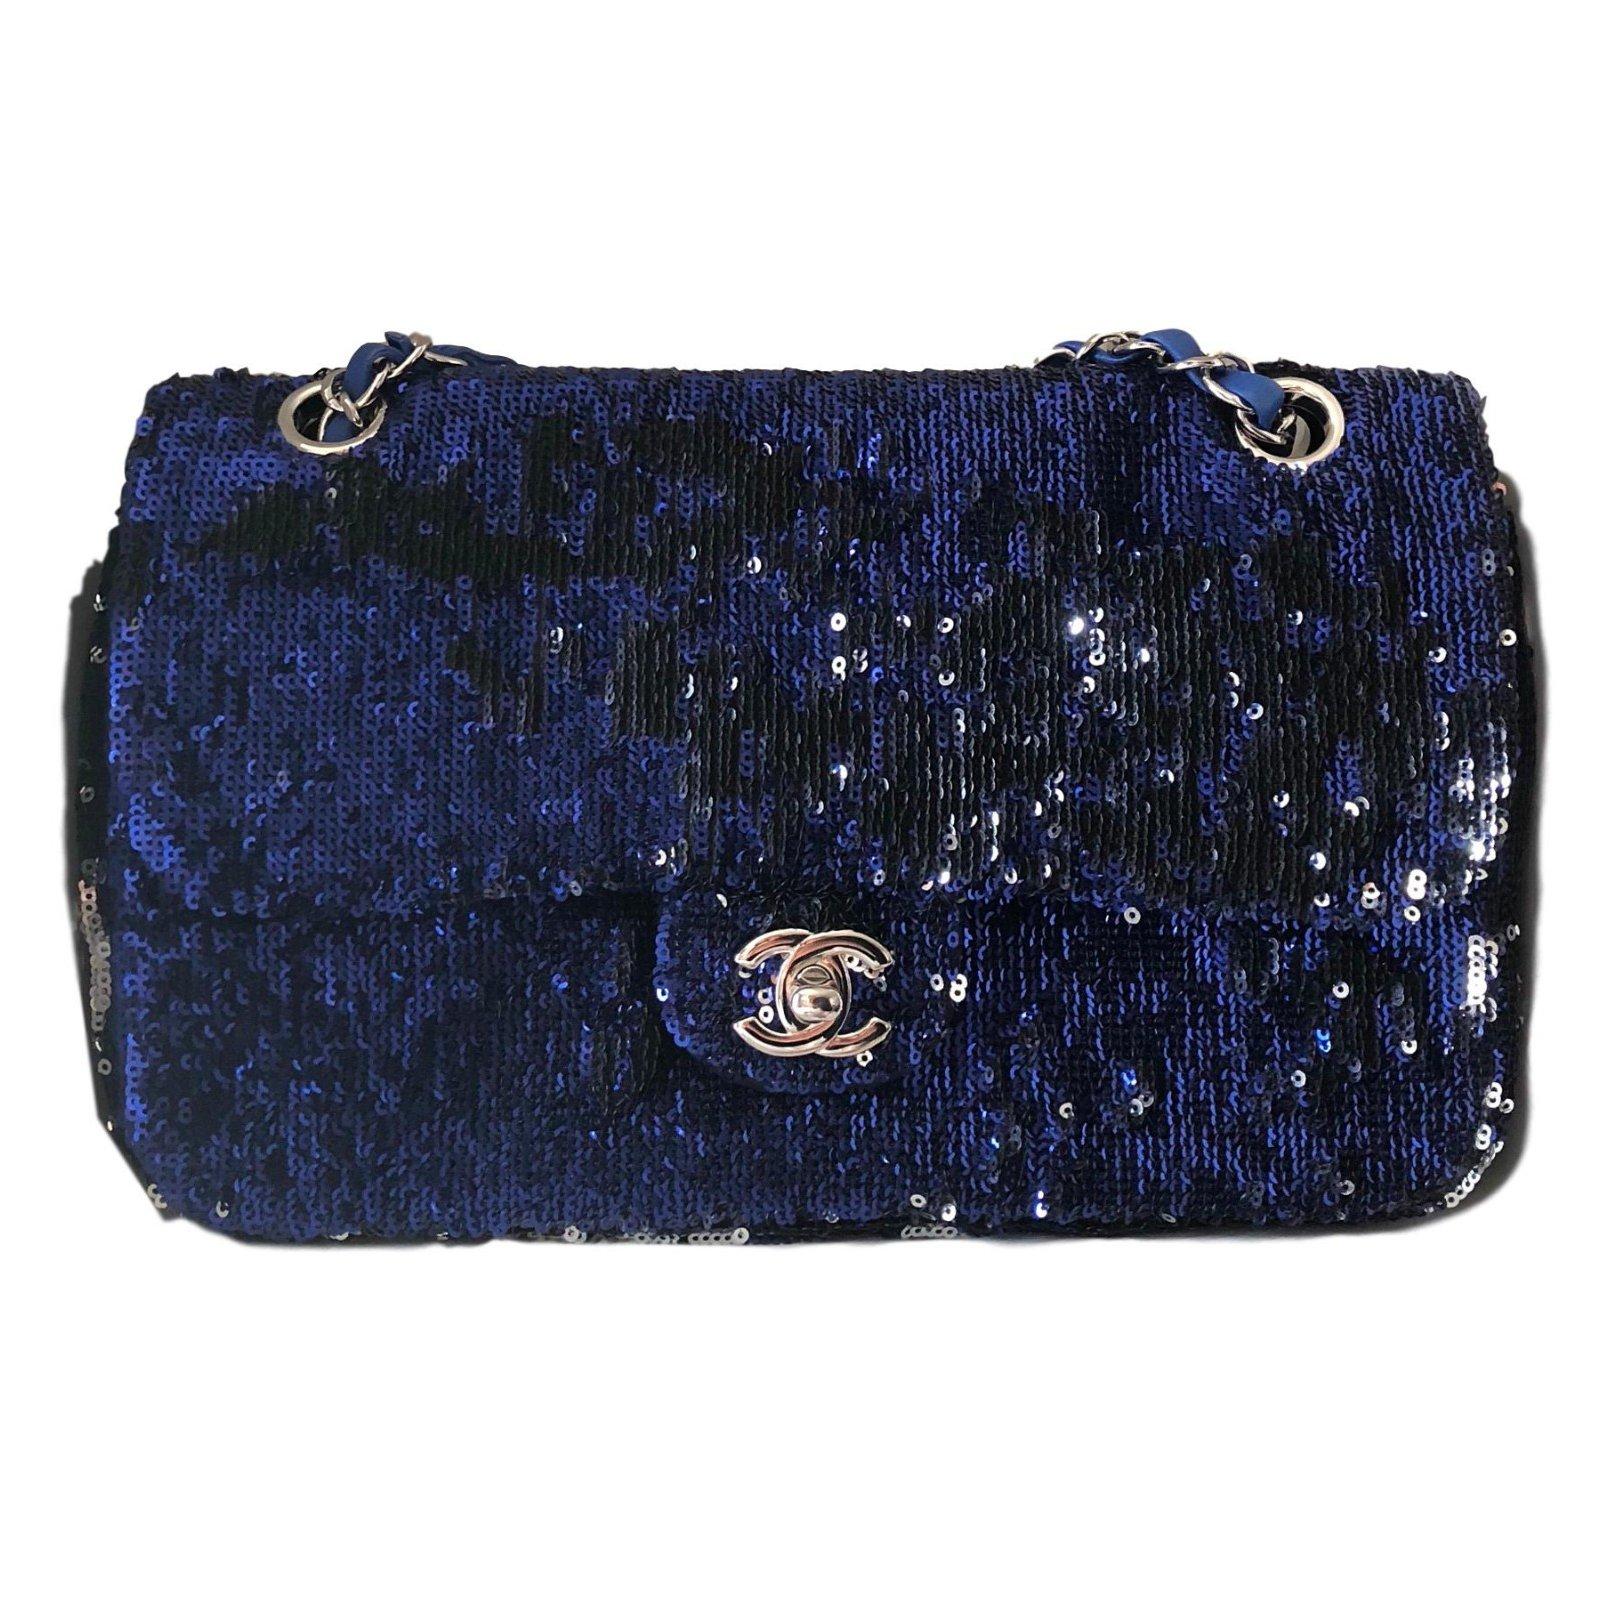 0630dbd045 Sacs à main Chanel Sac à main Cuir,Tissu,Satin Argenté,Bleu,Bleu ...